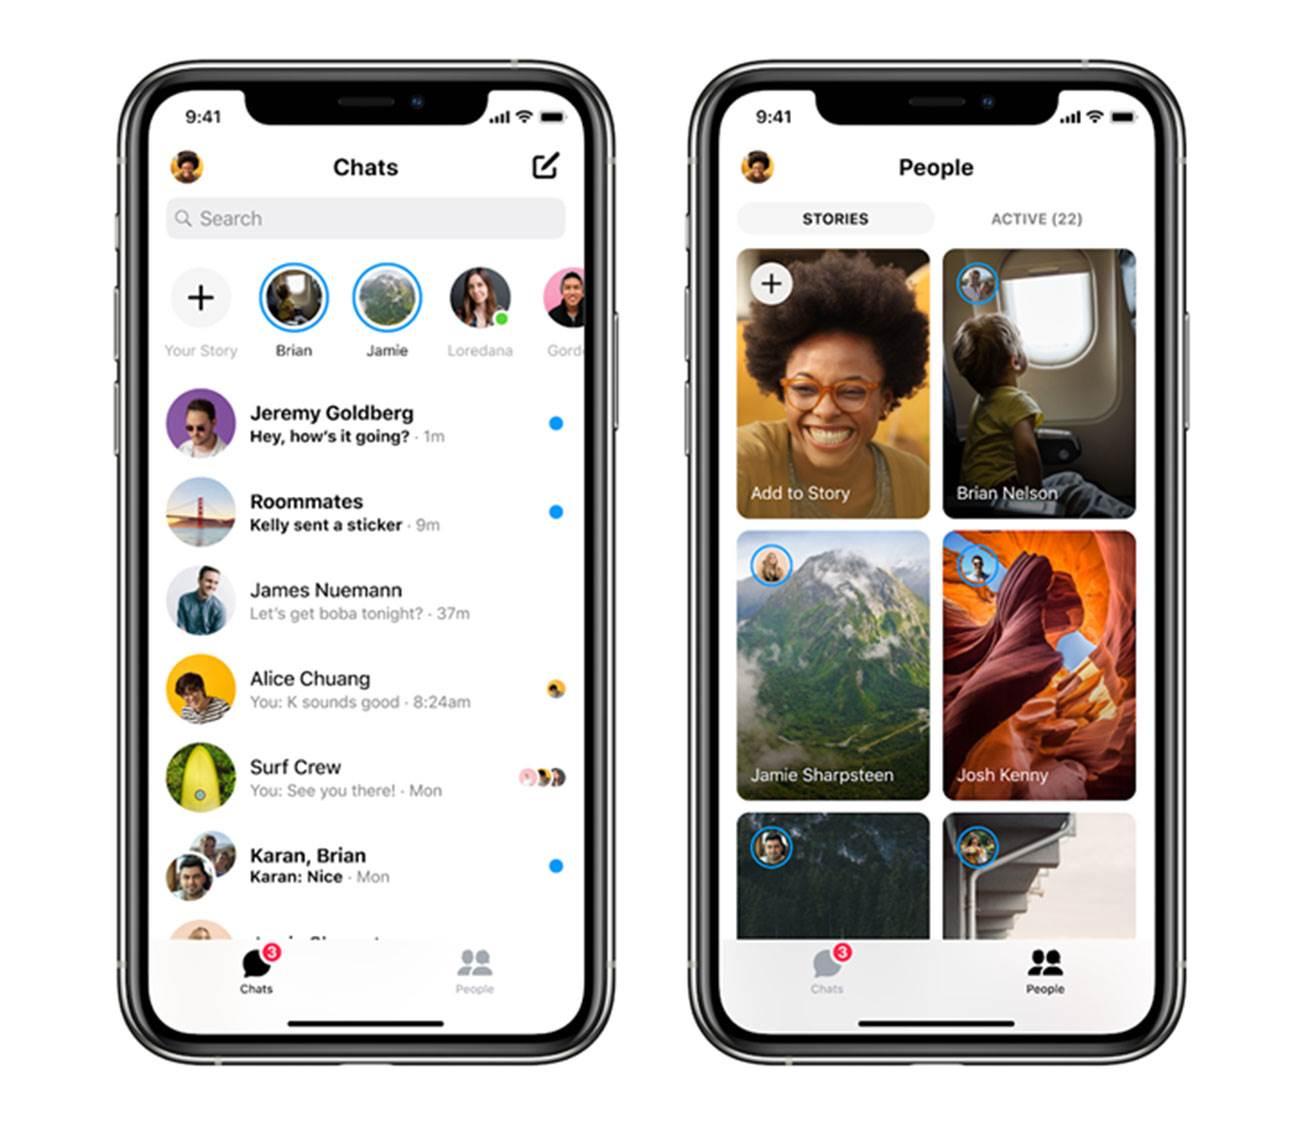 Facebook przedstawił nowego, szybszego i lżejszego Messengera na iOS polecane, ciekawostki nowy Facebook Messenger, Messenger, iOS, Facebook  W dniu wczorajszym Facebook ogłosił wydanie nowej wersji aplikacji Messenger dla systemu iOS, która została przebudowana od podstaw. mess